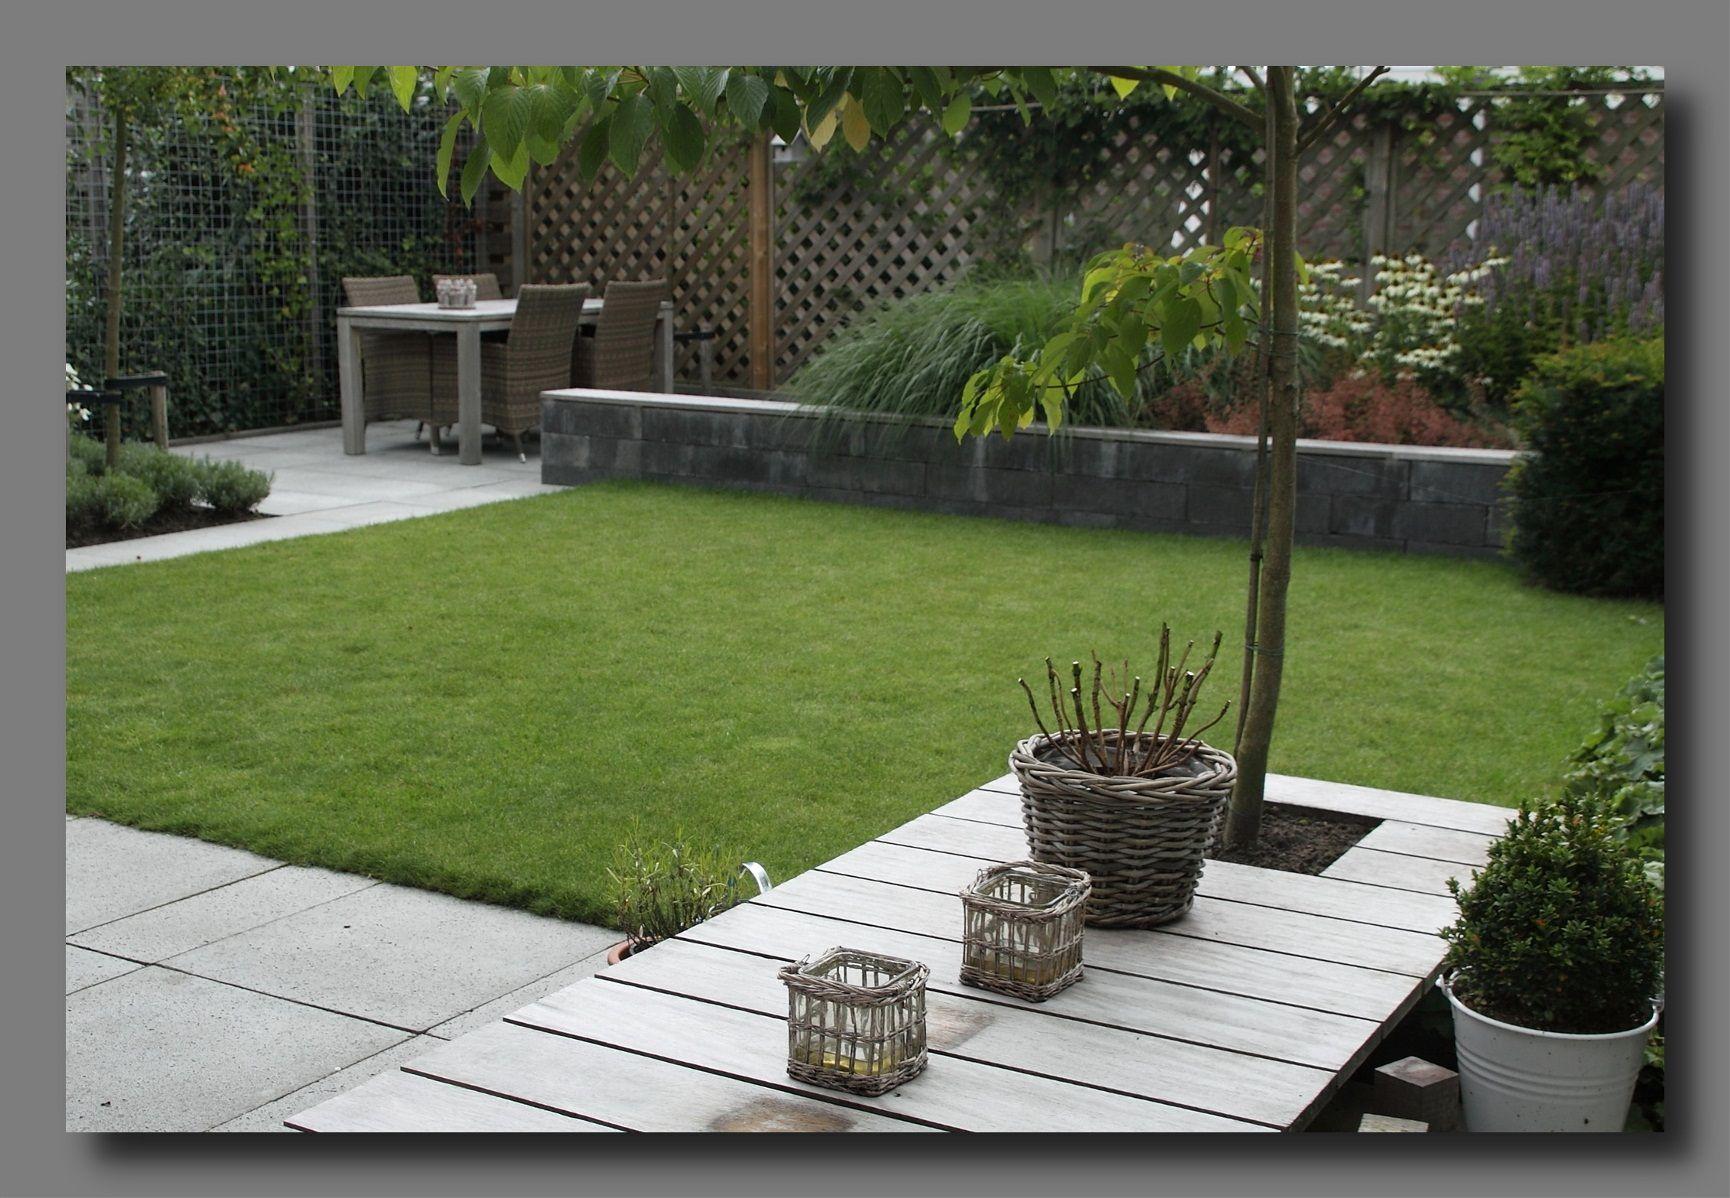 Kleine tuin in haren tuinontwerp groningen dromen mag for Ontwerp tuin